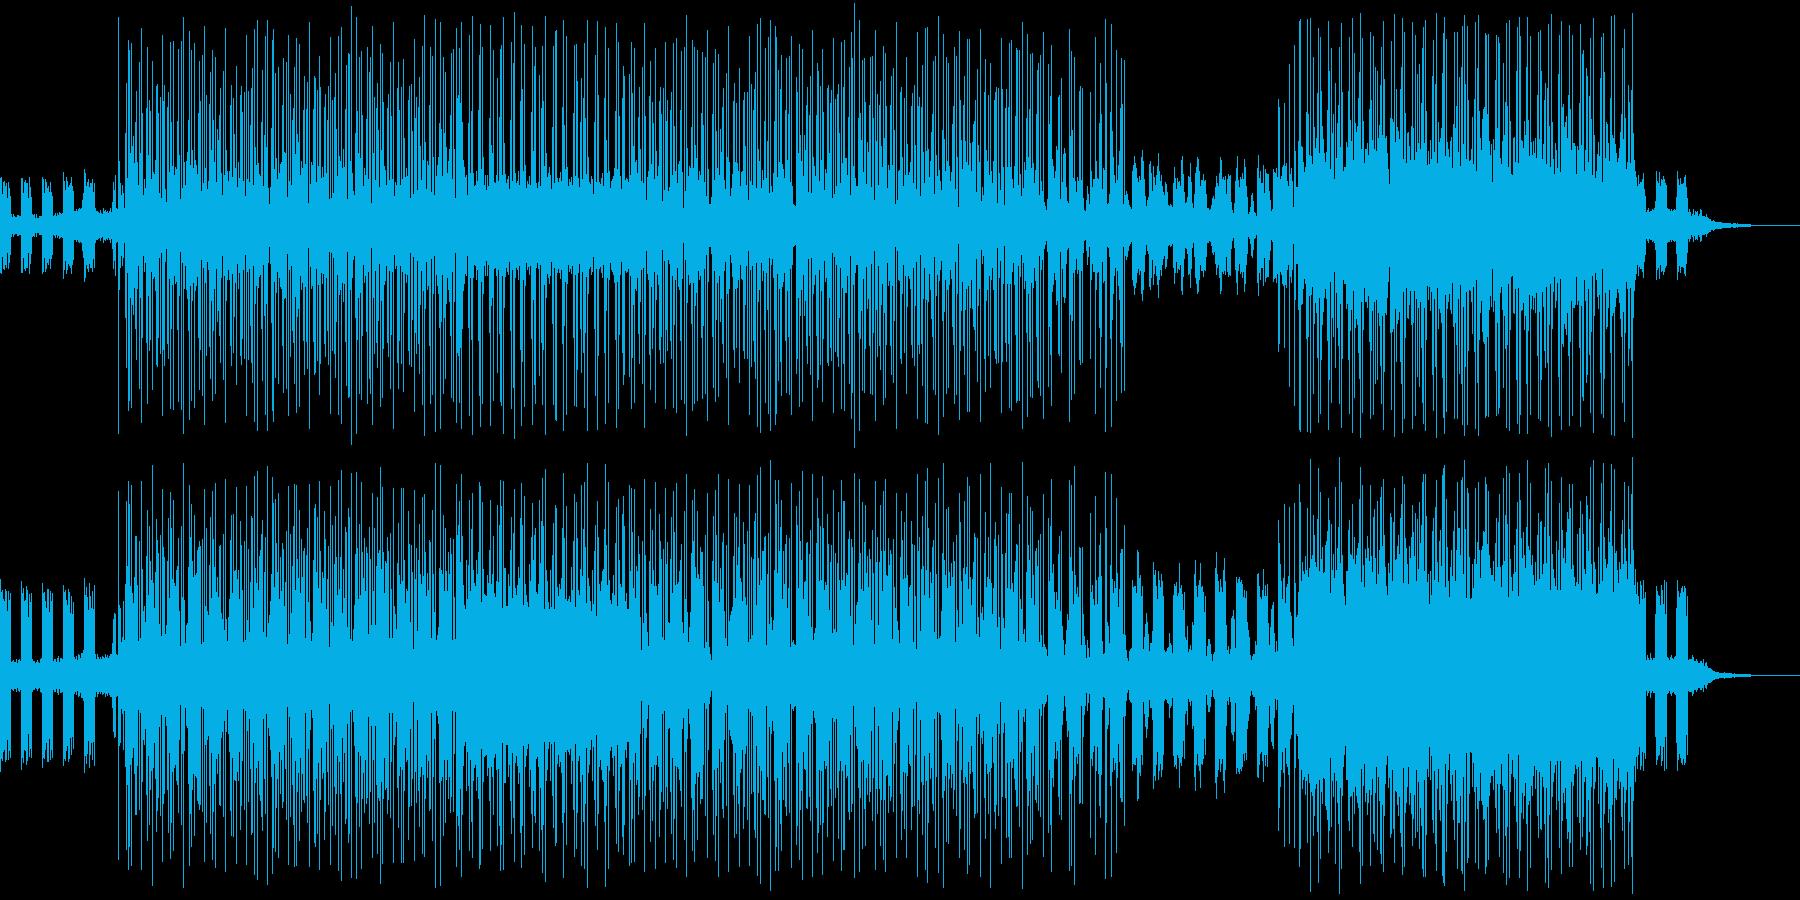 印象的なフレーズのテクノ、ニュースなどにの再生済みの波形